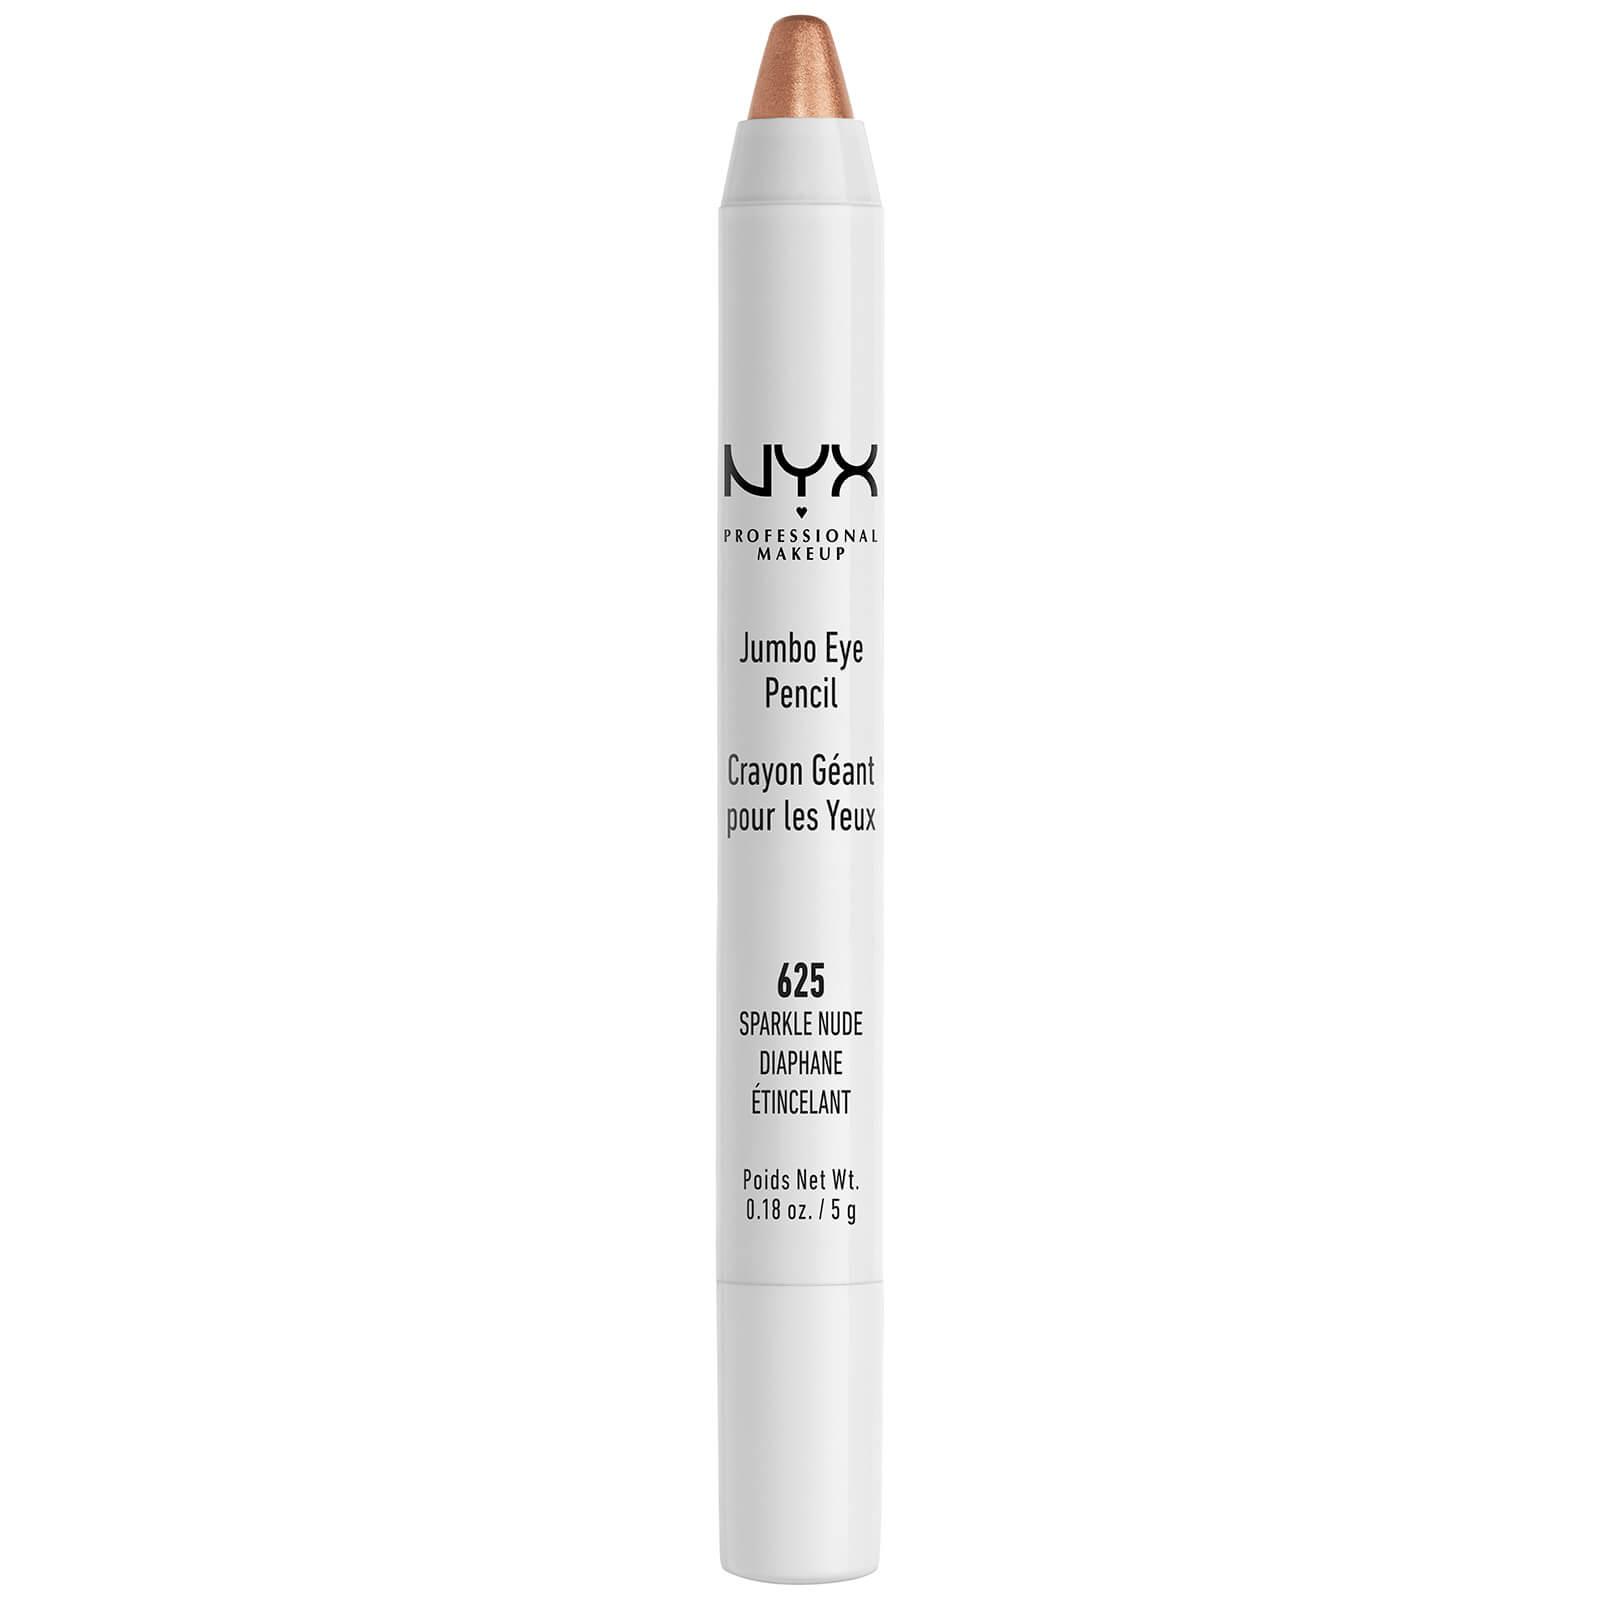 Купить Карандаш для глаз NYX Professional Makeup Jumbo Eye Pencil (различные оттенки) - Sparkle Nude